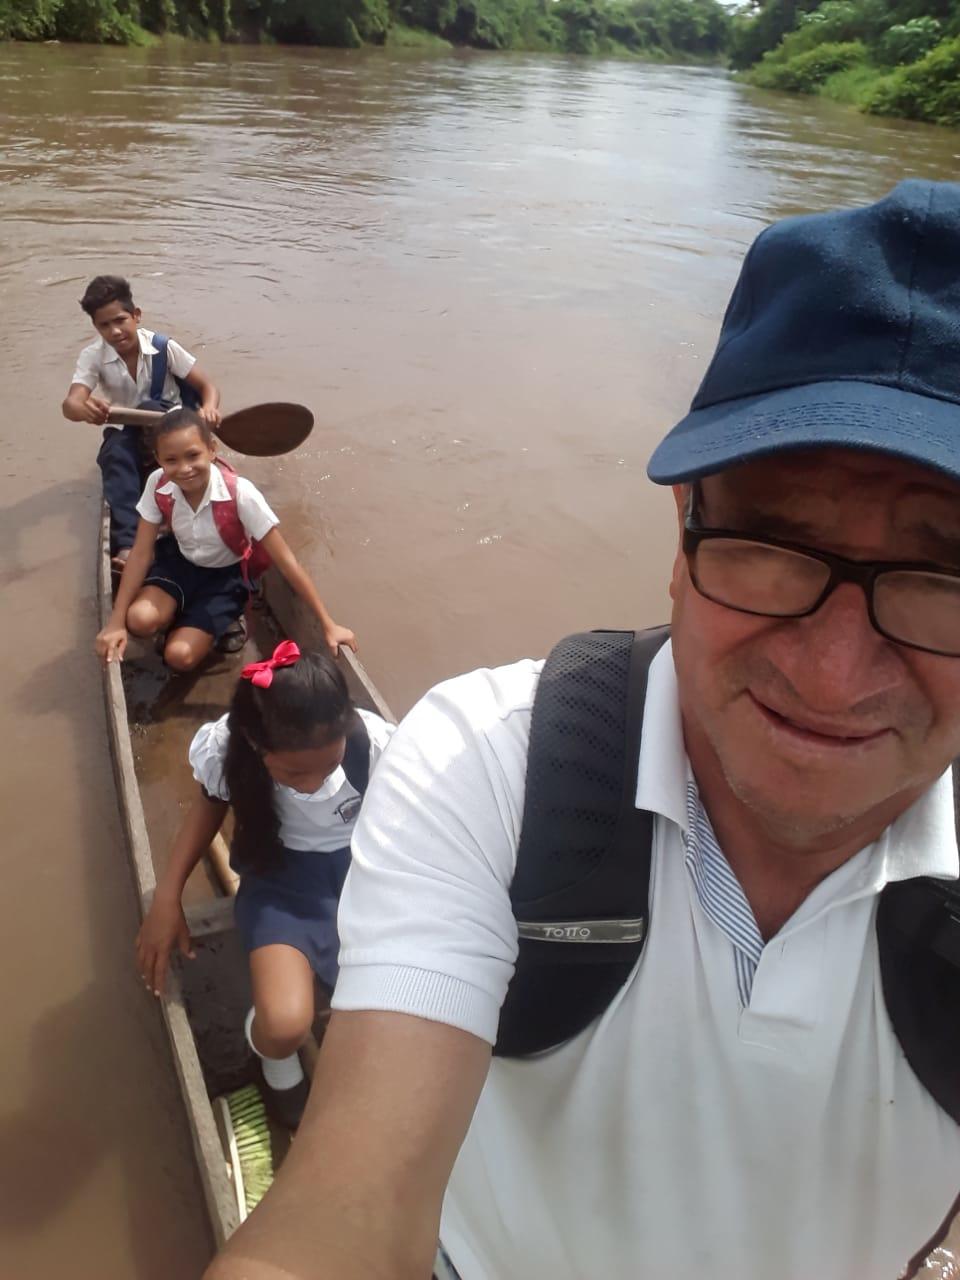 El profesor Humberto Cáceres captó esta imagen suya y de los niños en la canoa.